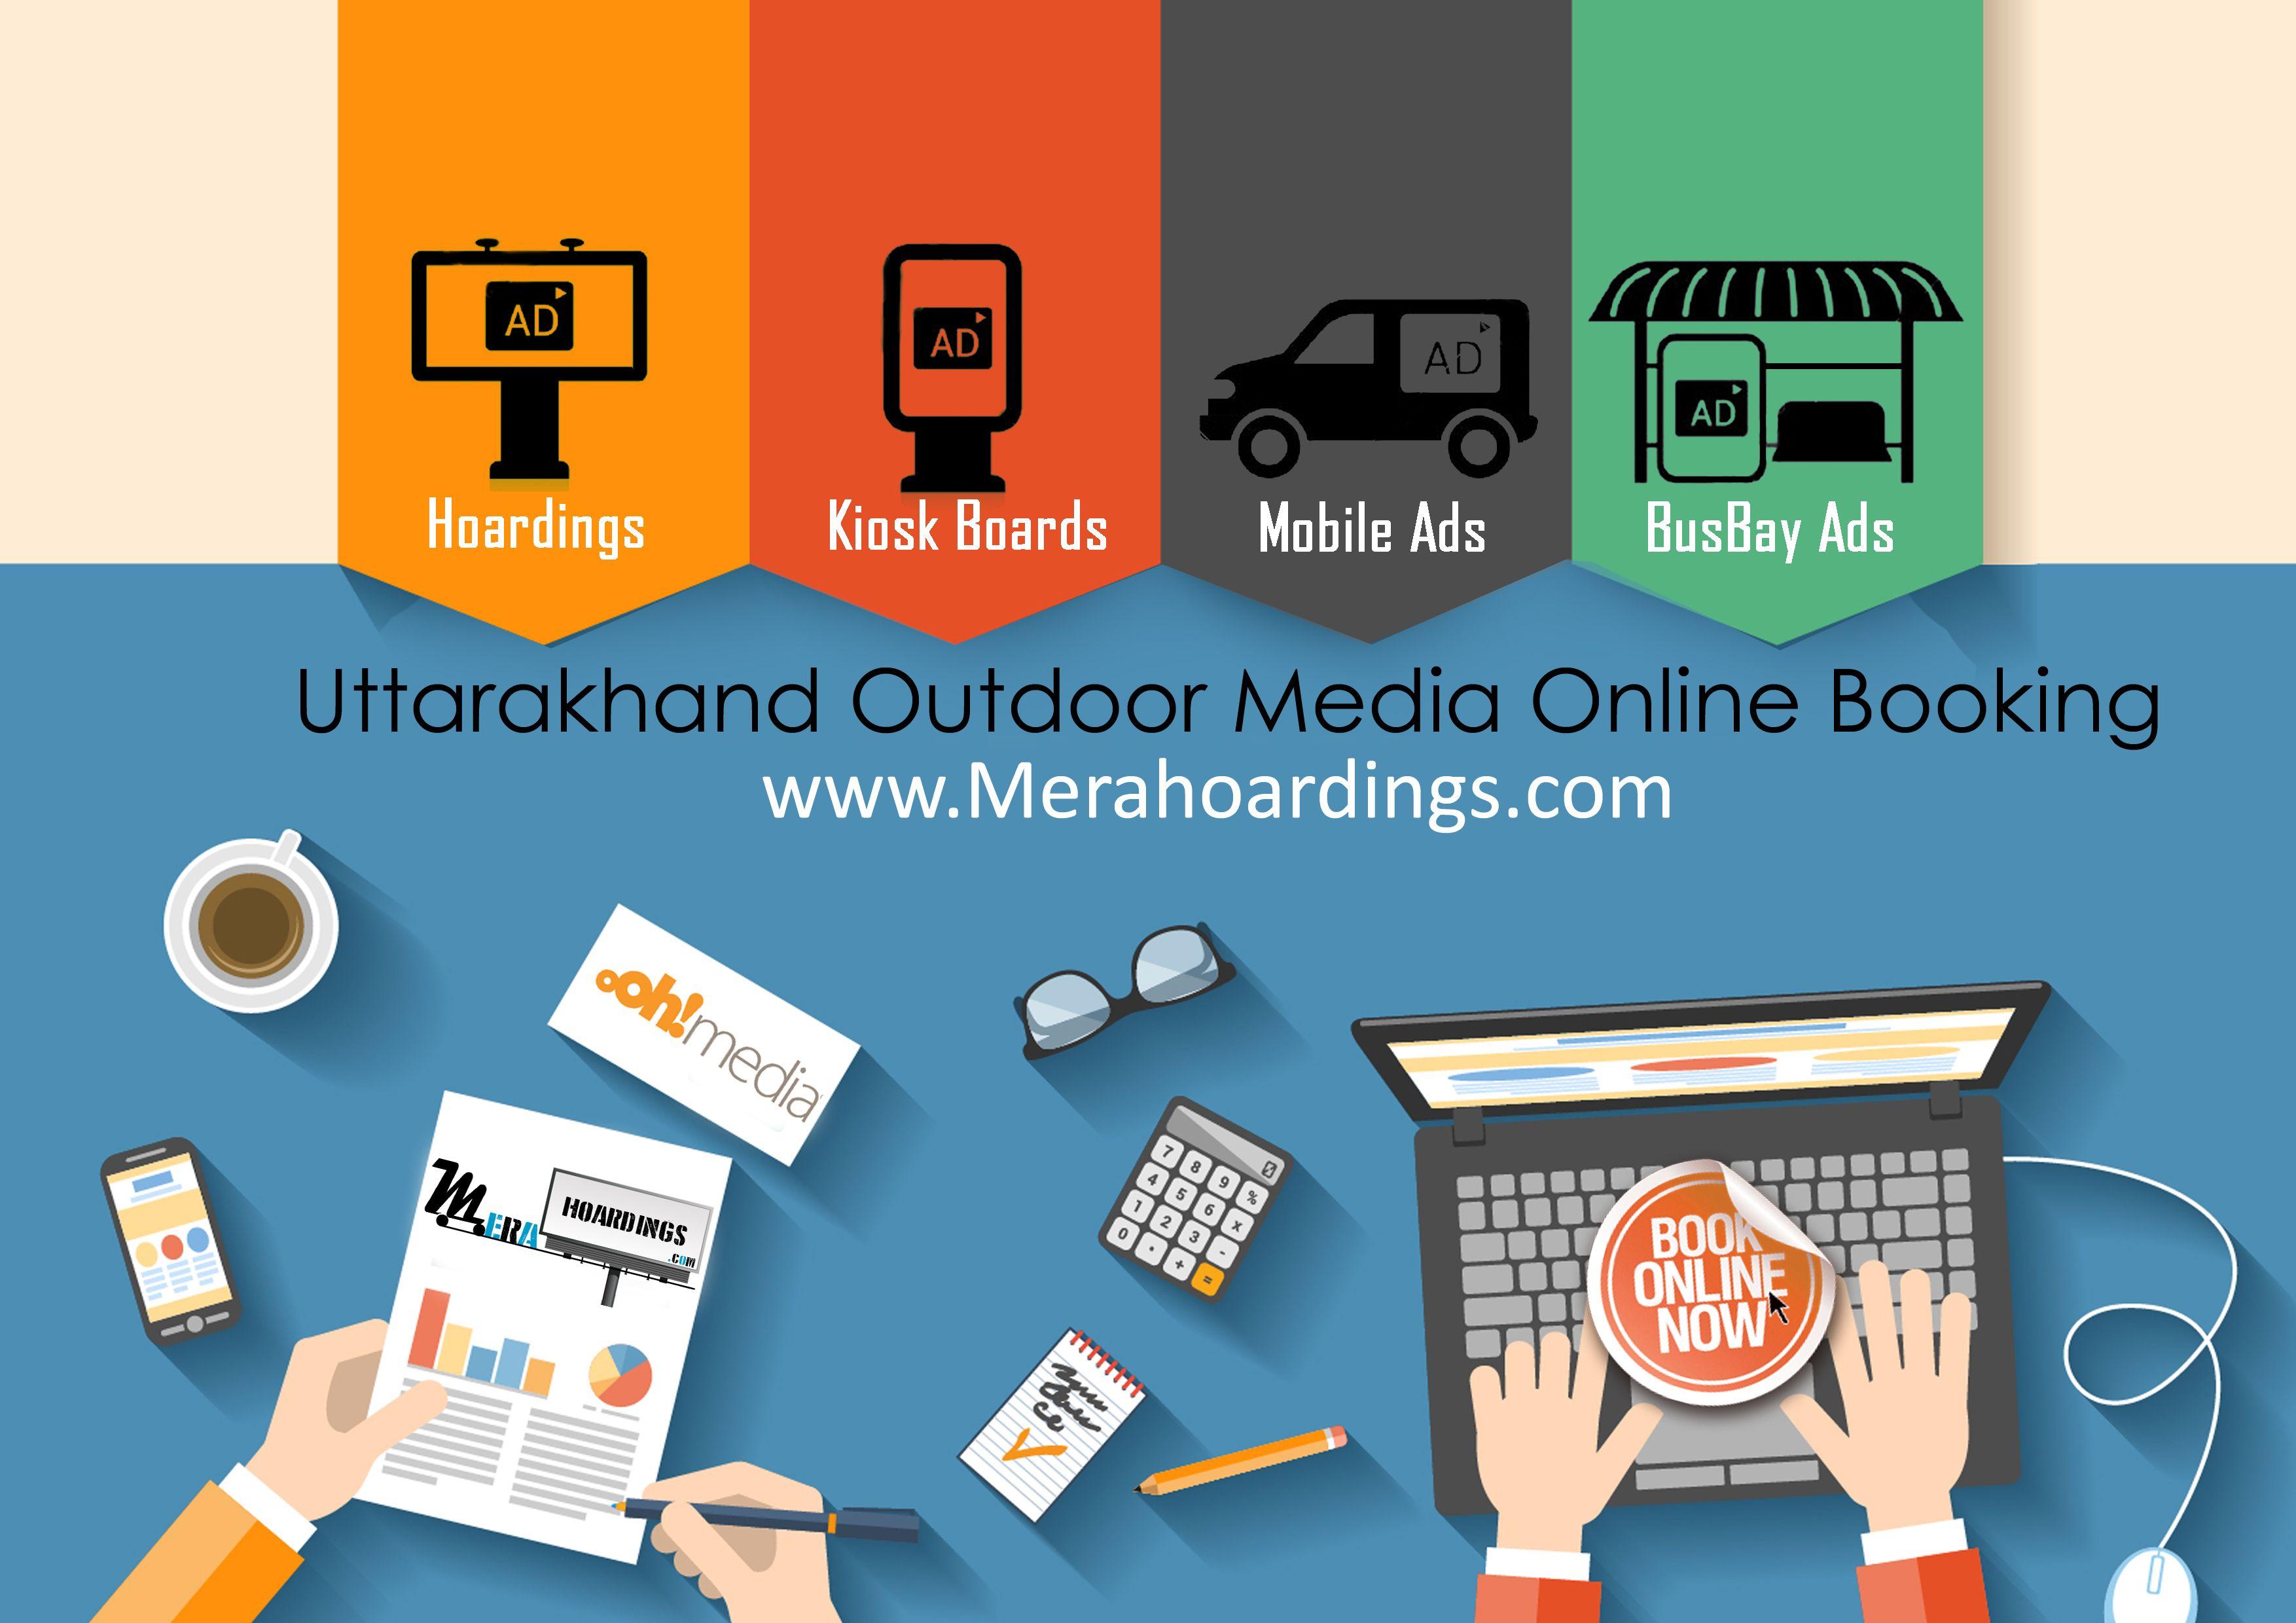 Hoardings-in-Uttarakhand-Uttarakhand-Hoardings-Online-Booking